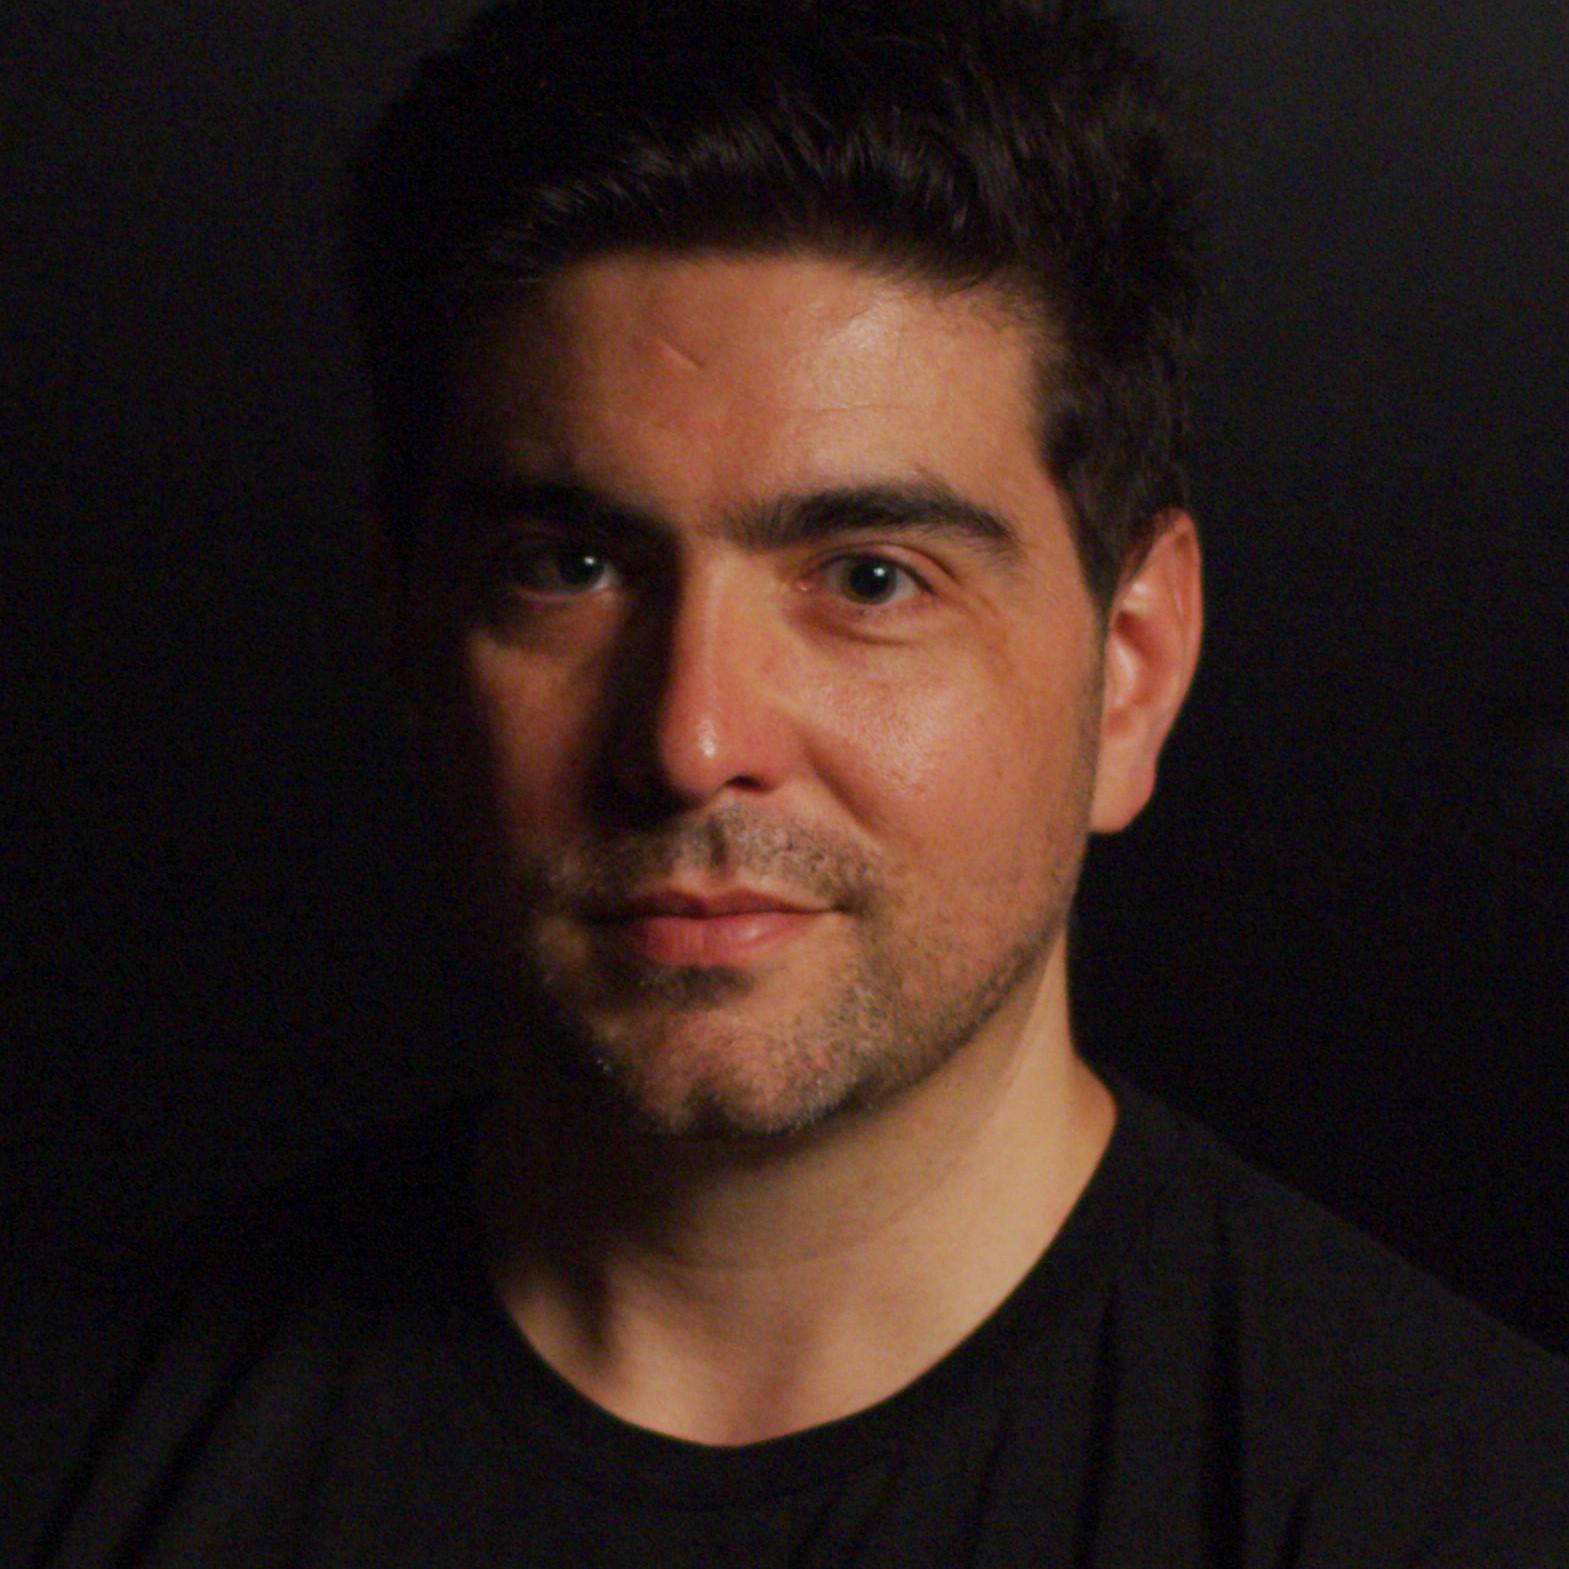 Areito Echevarria profile-picture photograph